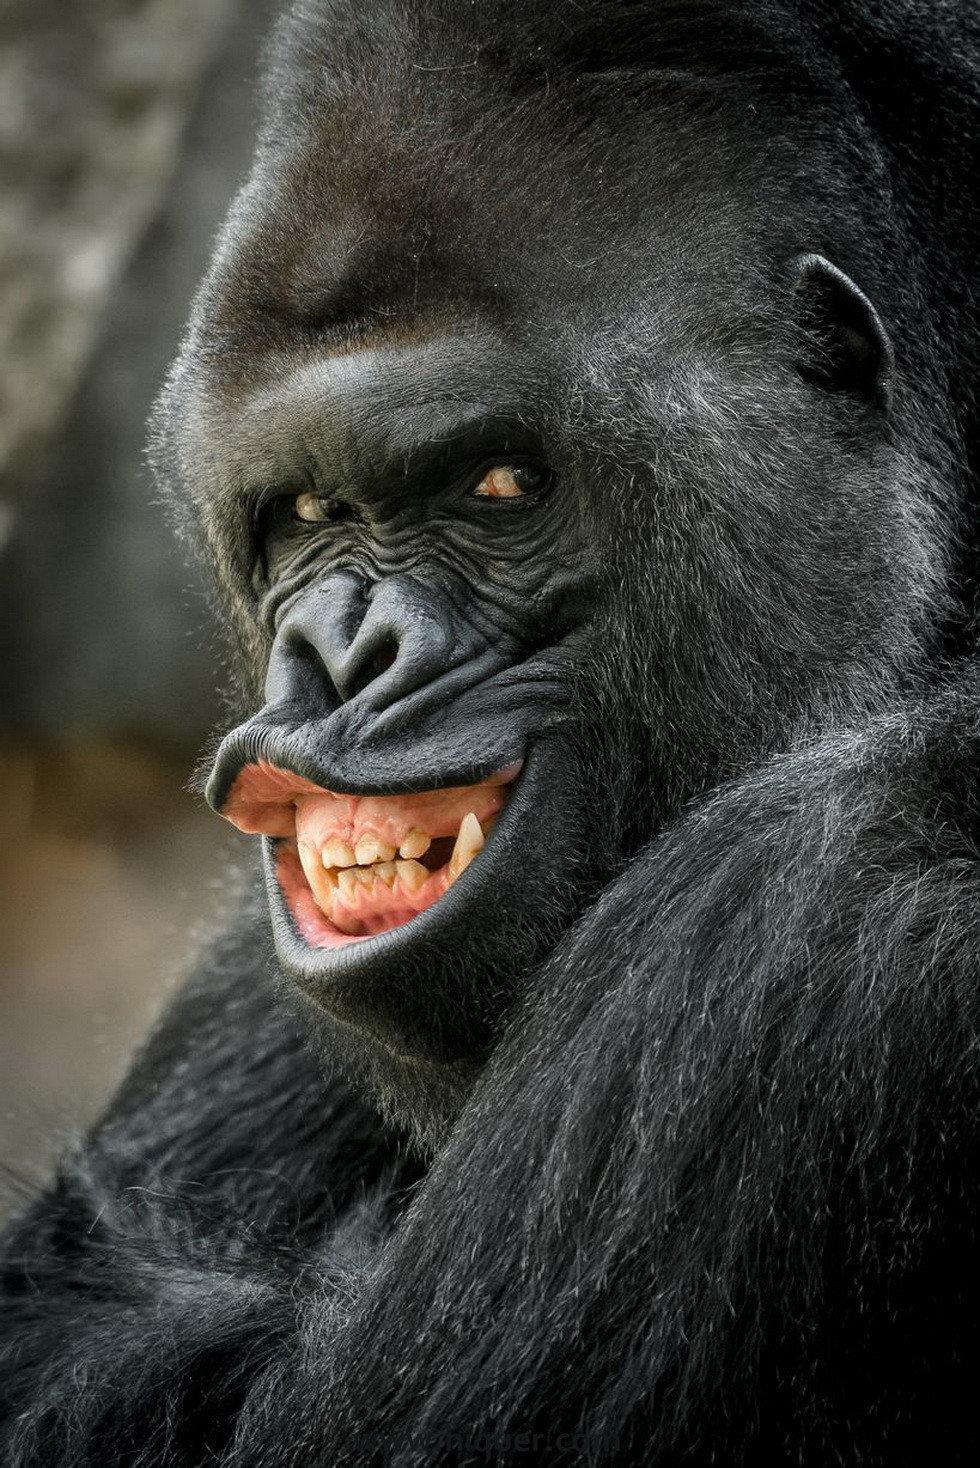 14张《超有戏的动物明星照》,骚气程度使你怀疑是不是人类假装的! 趣事儿 第11张